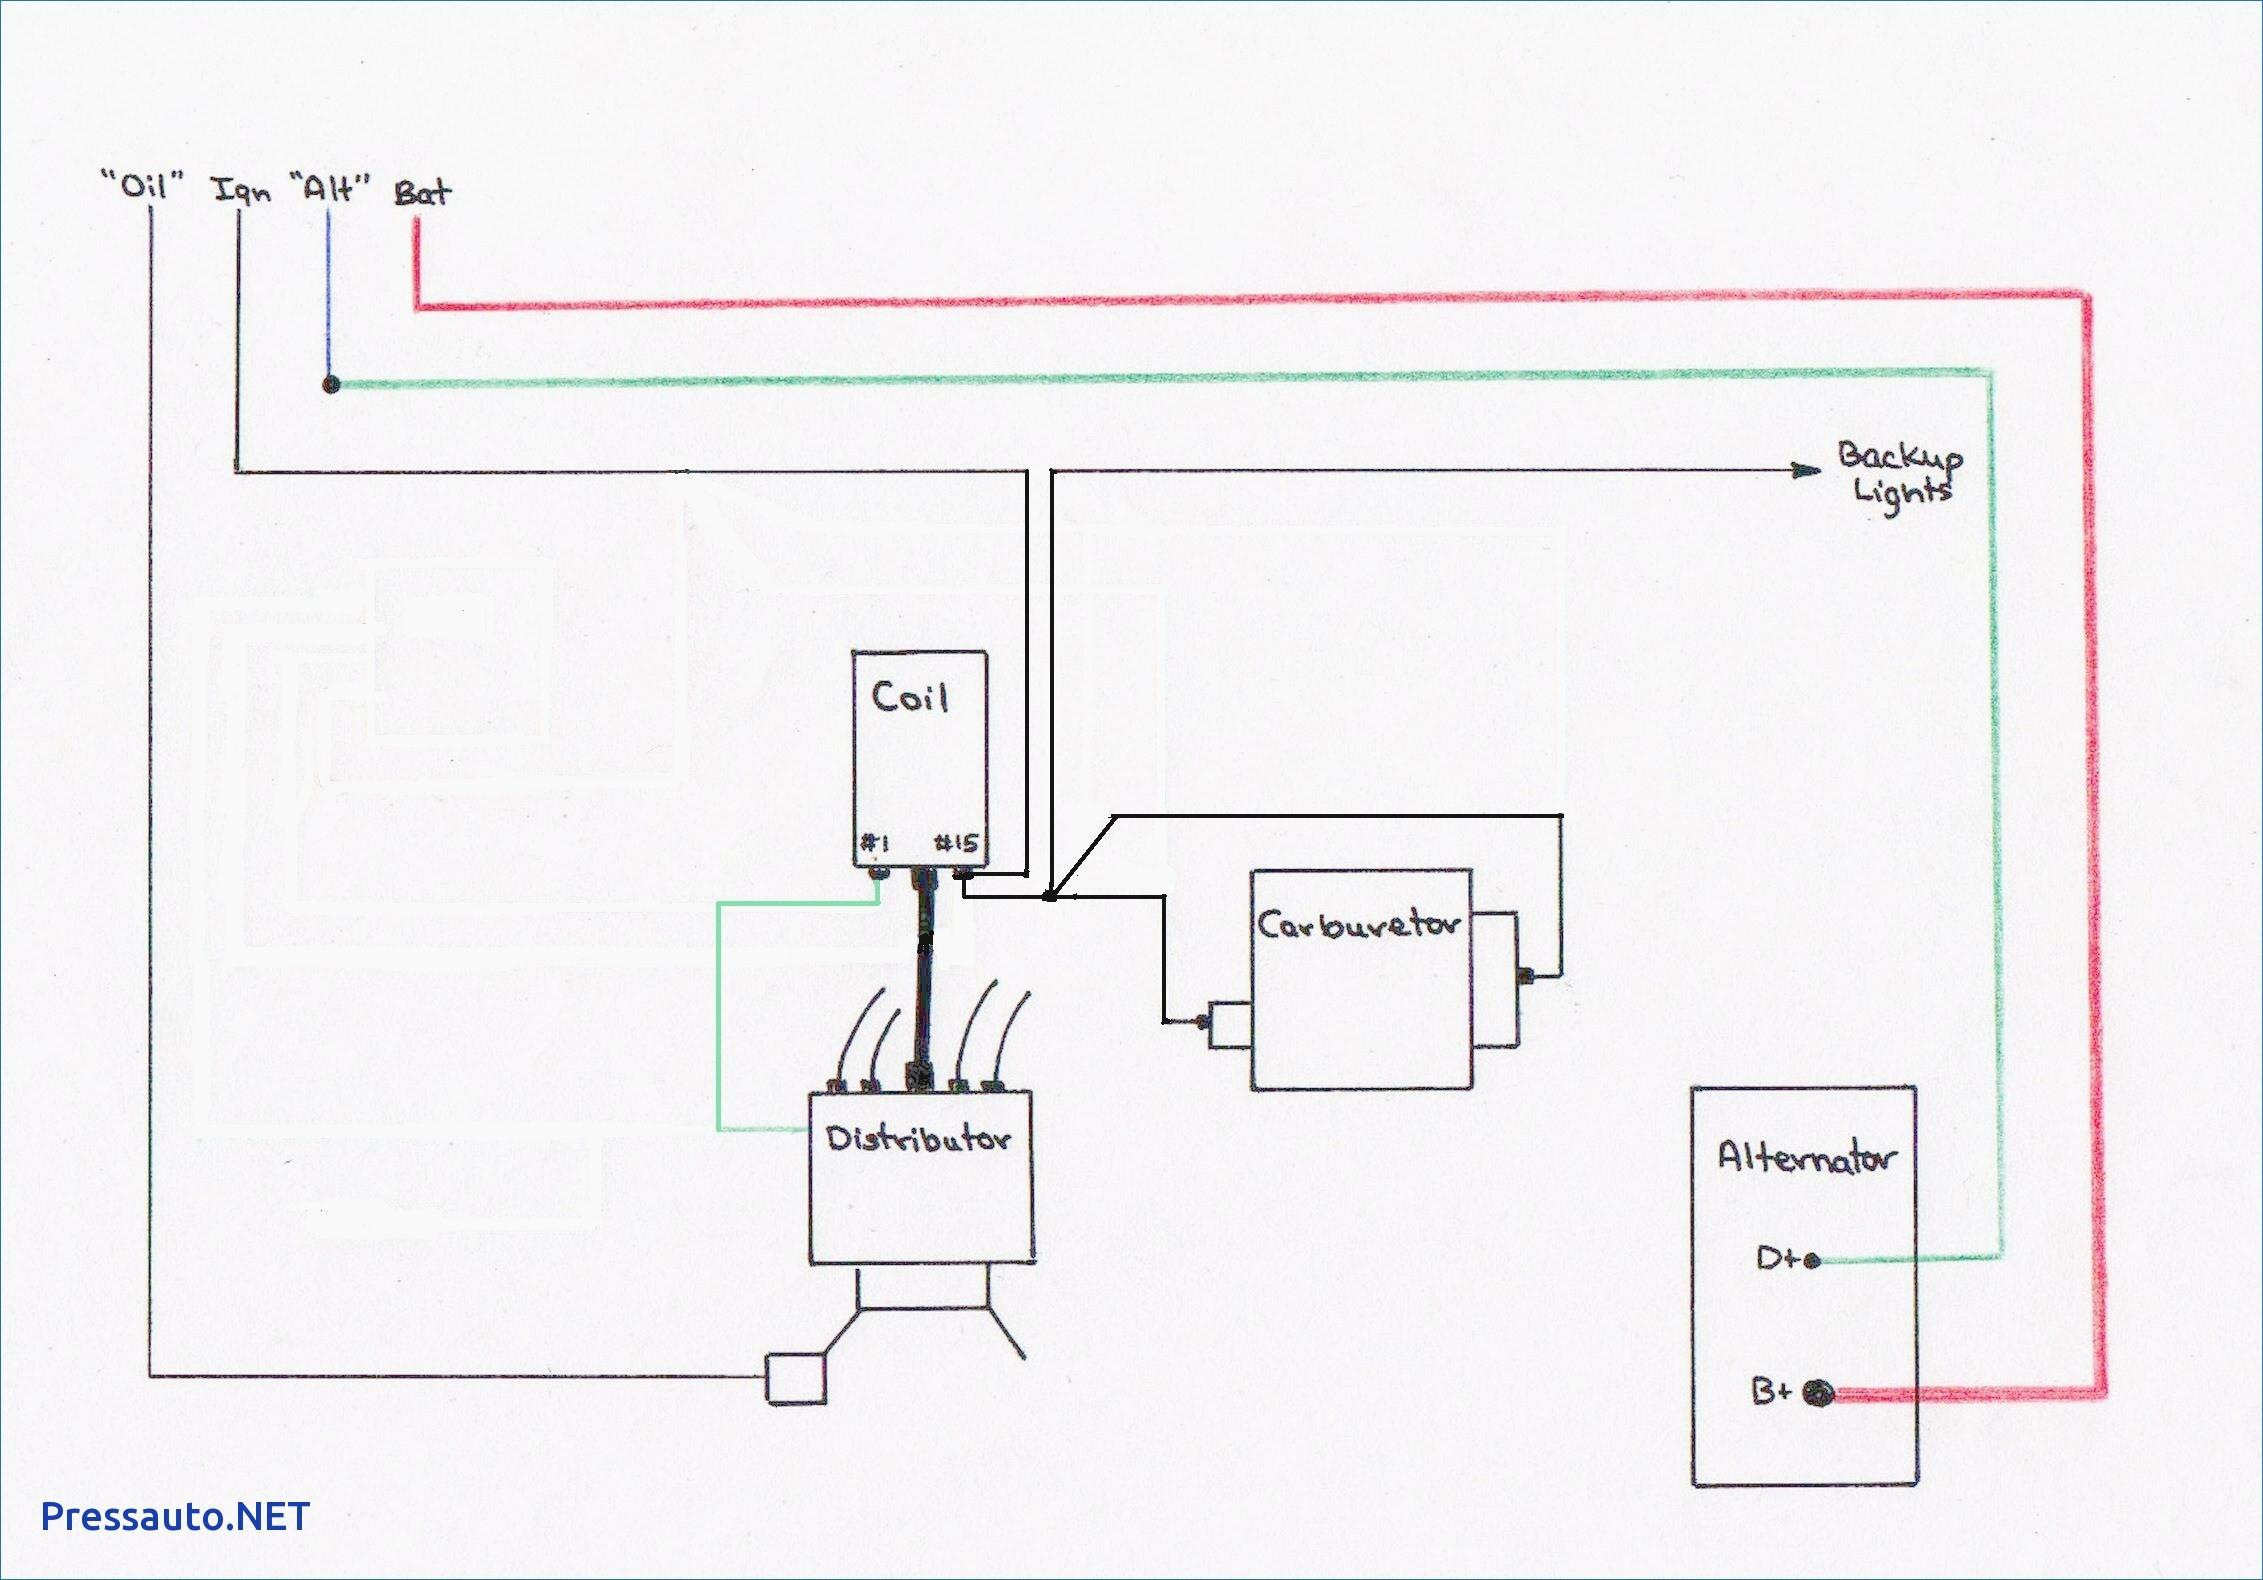 Volkswagen Alternator Wiring Harness - Wiring Diagram ... on